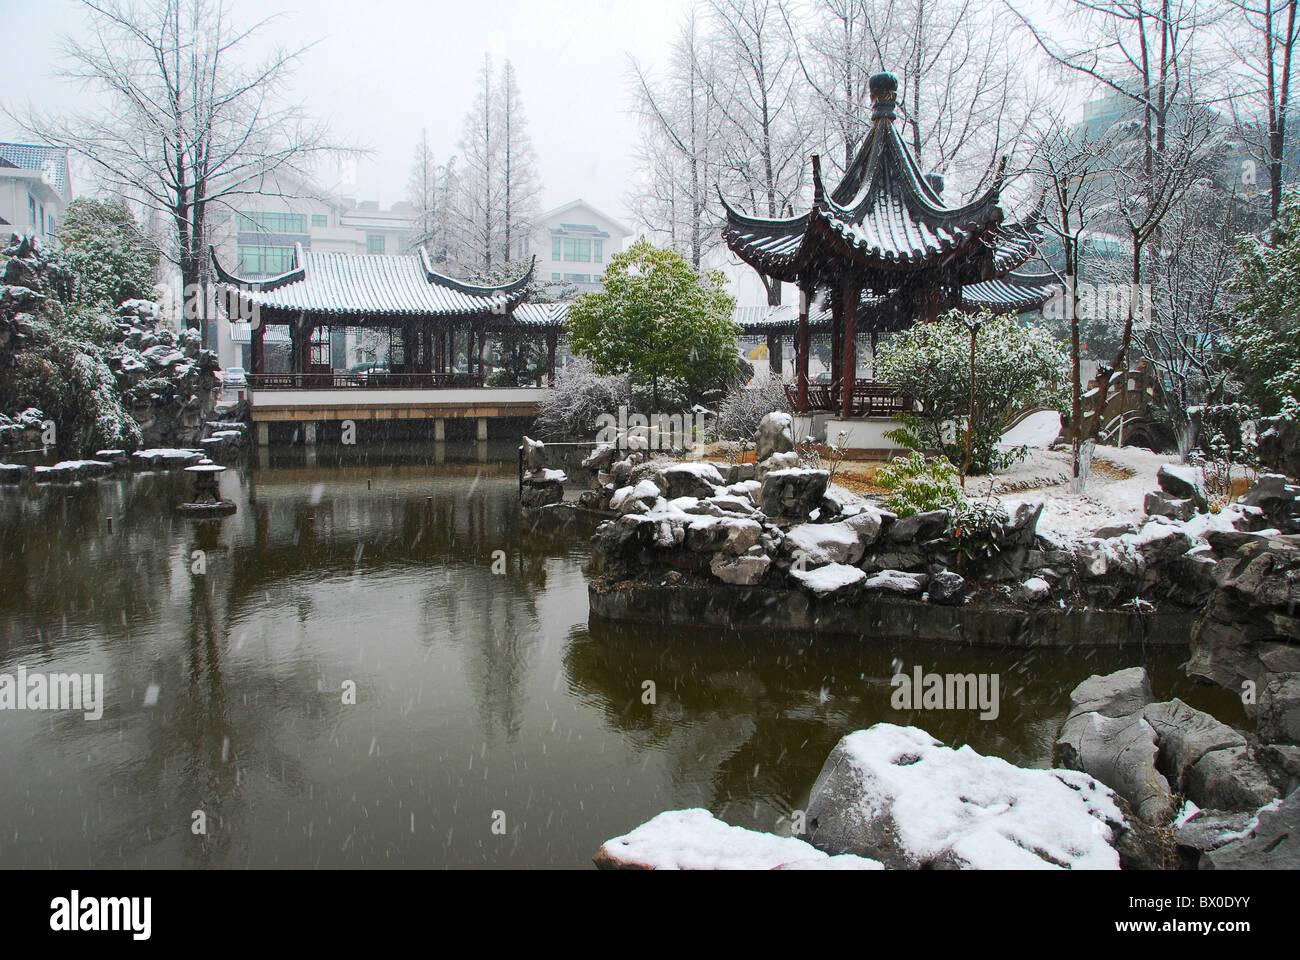 nanyuan park in winter taicang jiangsu province china stock photo royalty free image